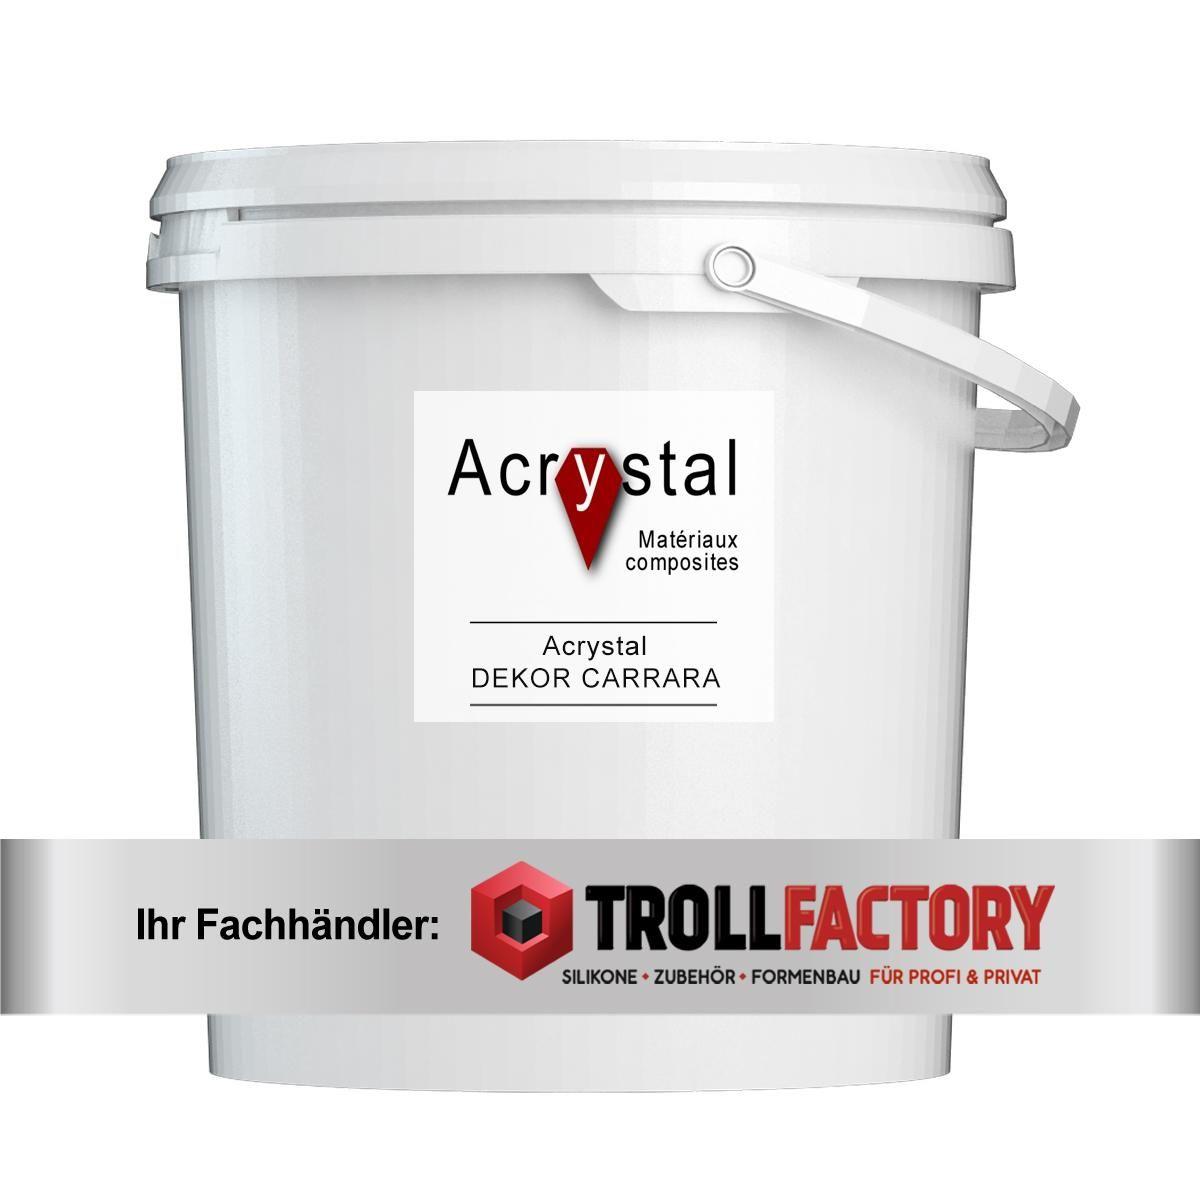 Acrystal DEKOR CARRARA Pulver 5kg (1:5)